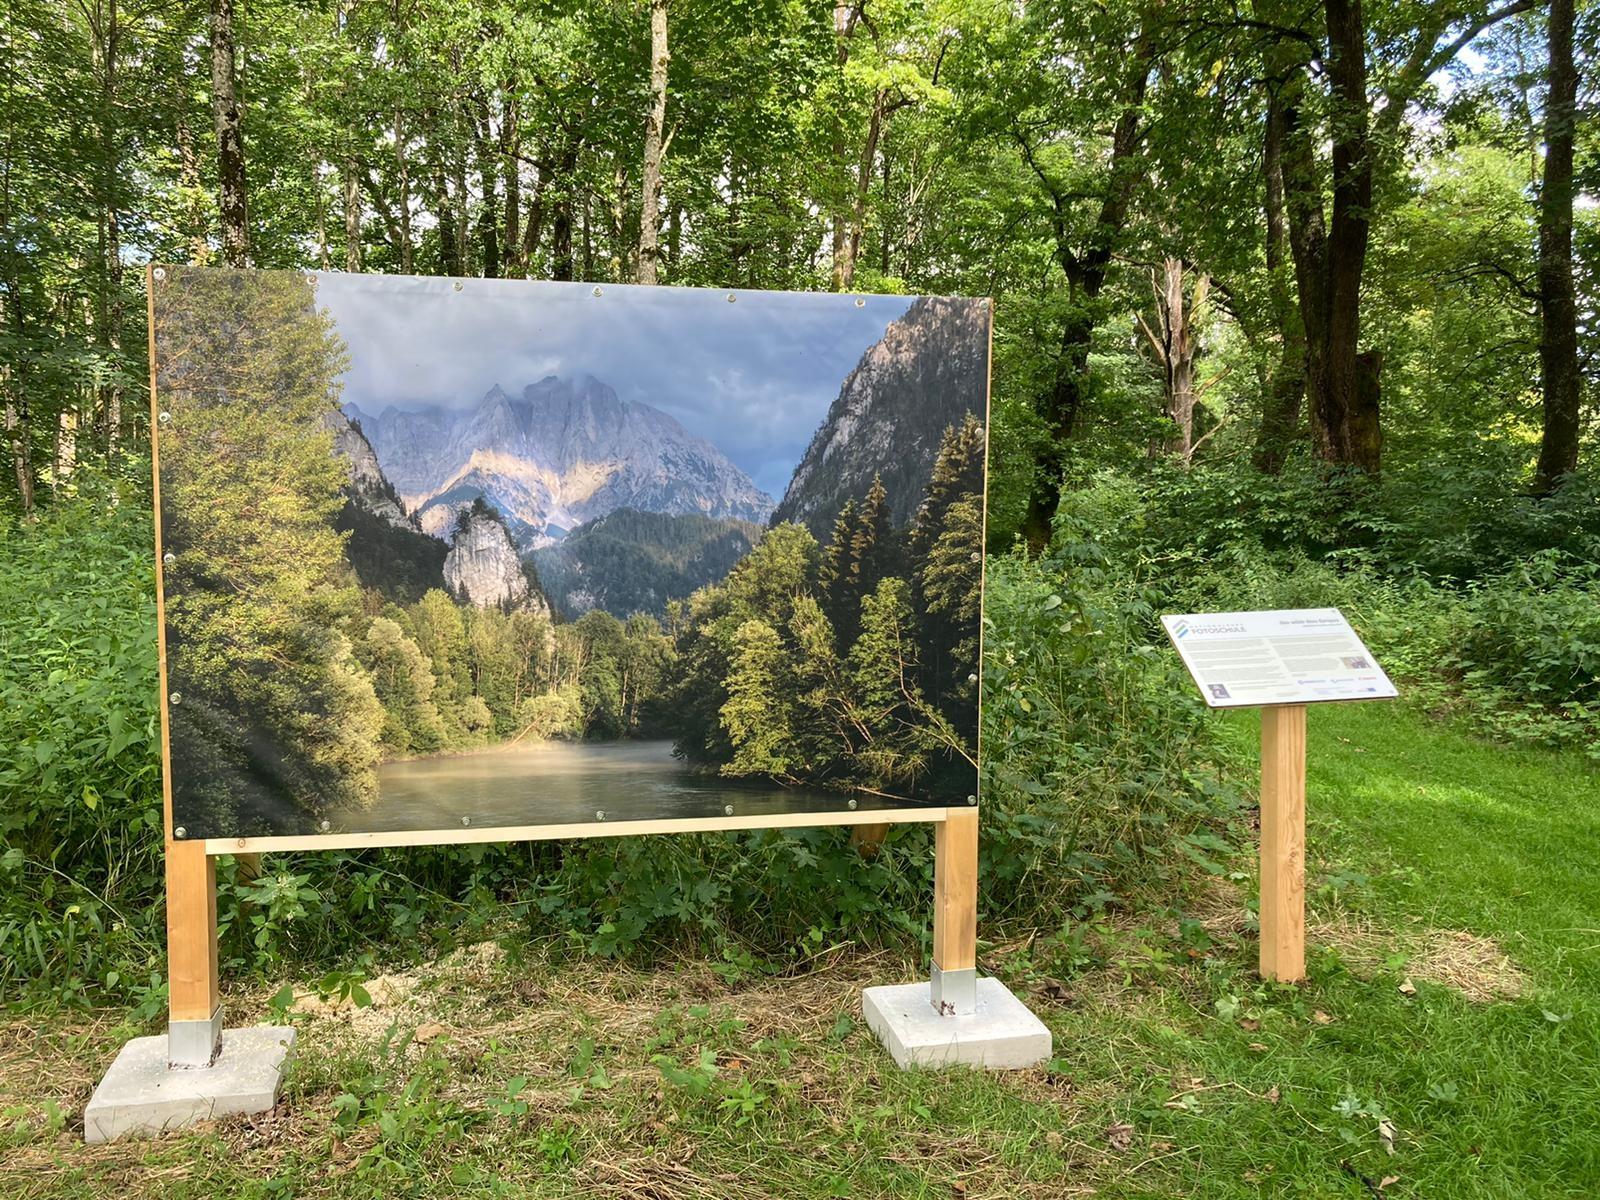 2021_08_03_Fotoausstellung_Admont_Bild1